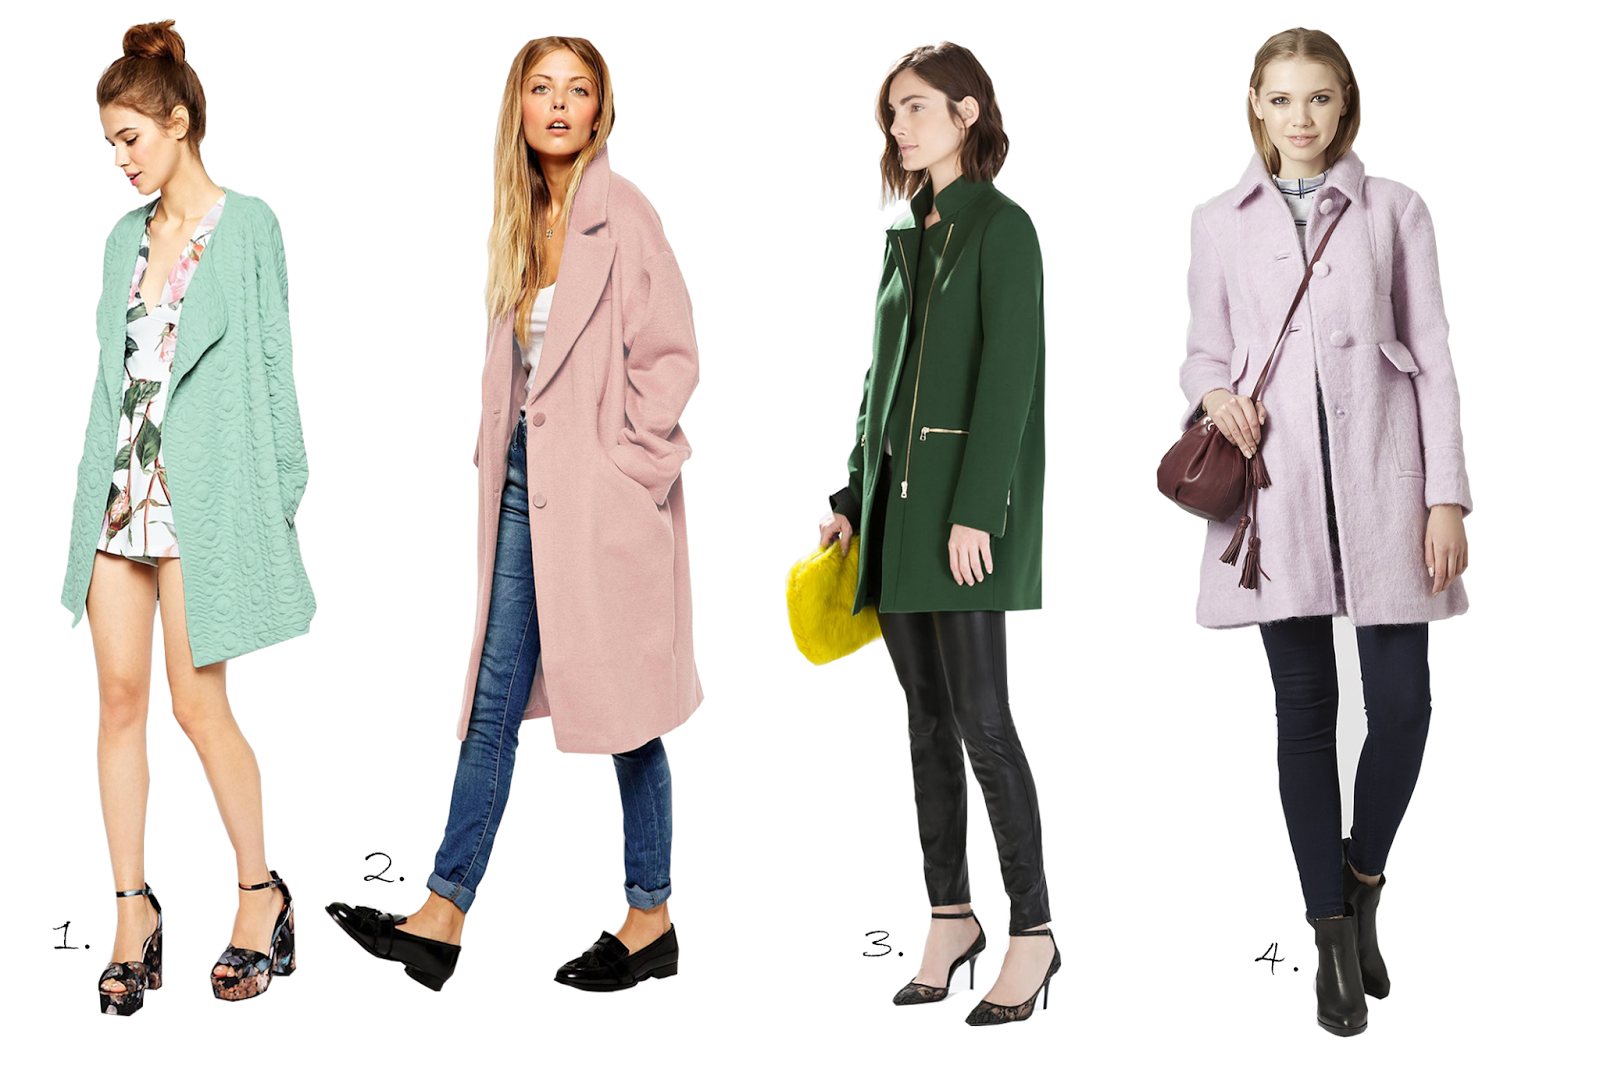 cappotti colorati 2014